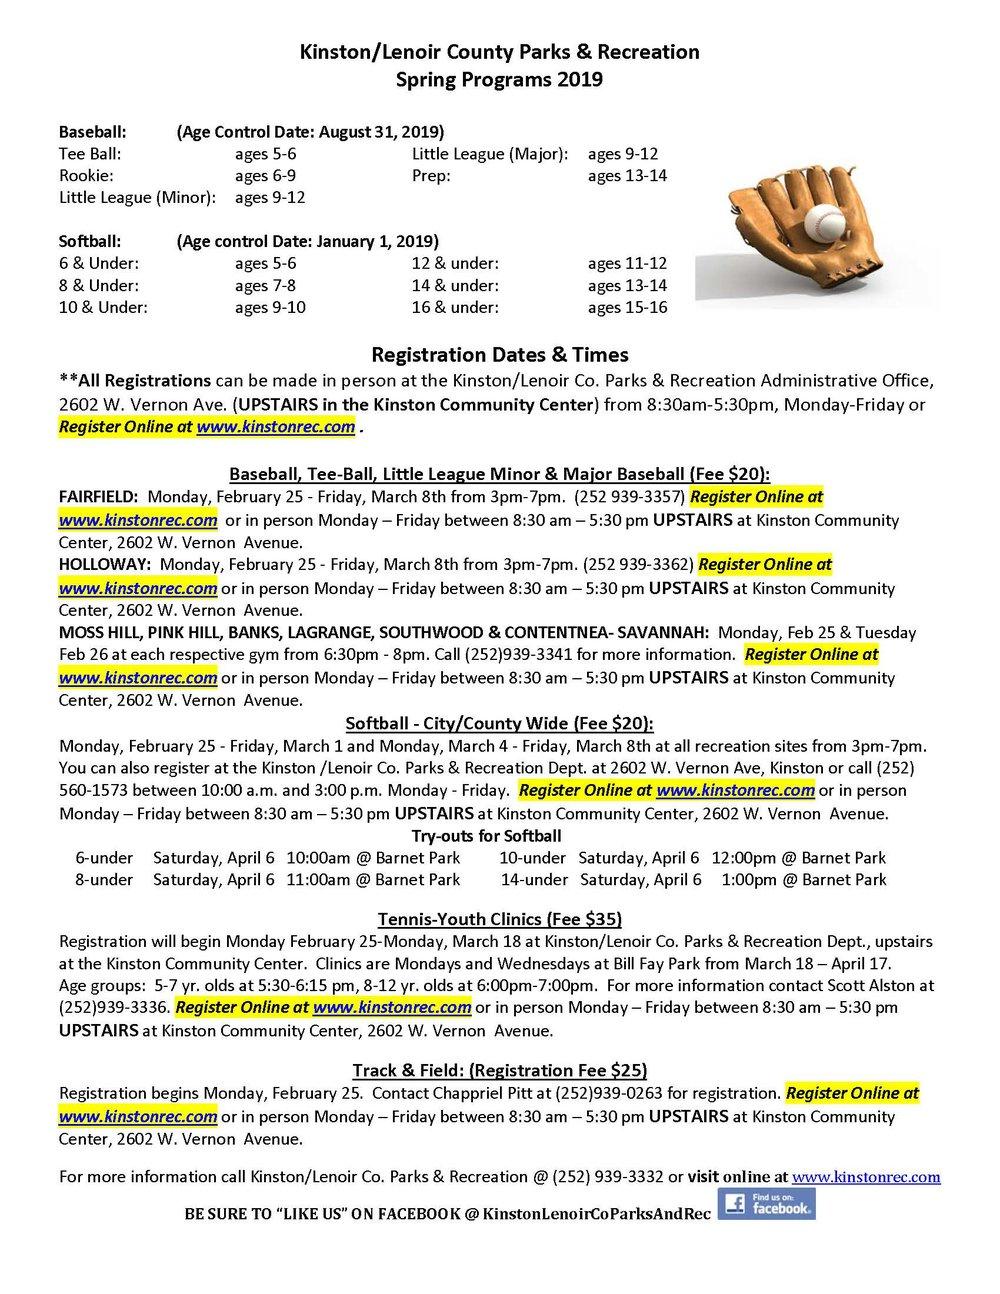 2019_Spring Baseball-Softball Flyer.jpg